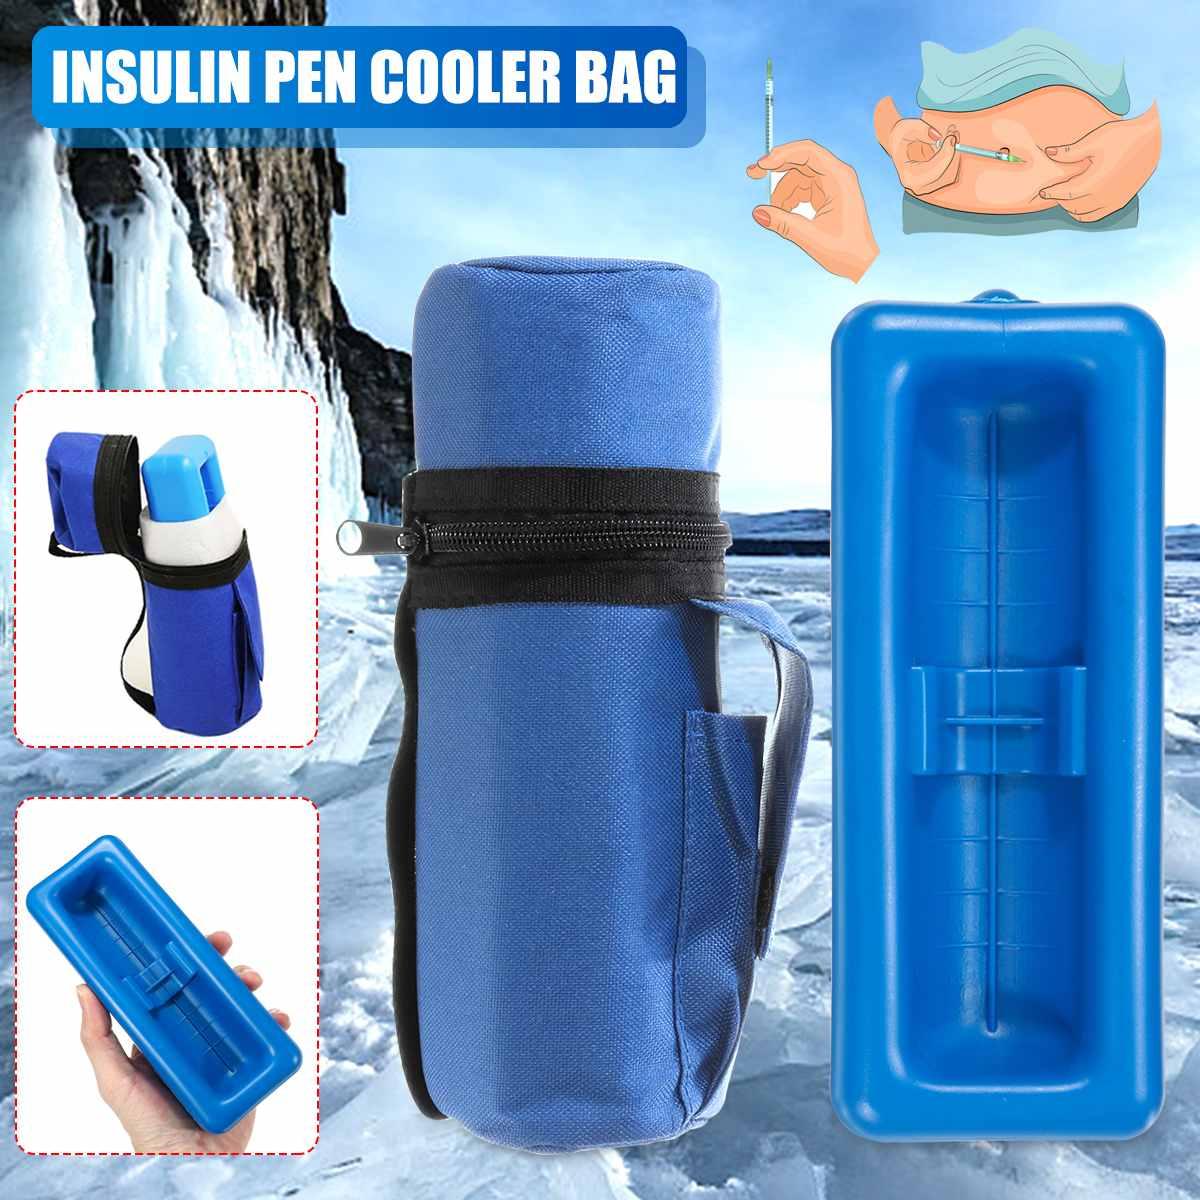 Aequeen Portable Medicine Diabetic Insulin Pouch Cooler Insulin Pen Cooler Bag Non-toxic Travel Case Cooler Pill Box Ice Bag